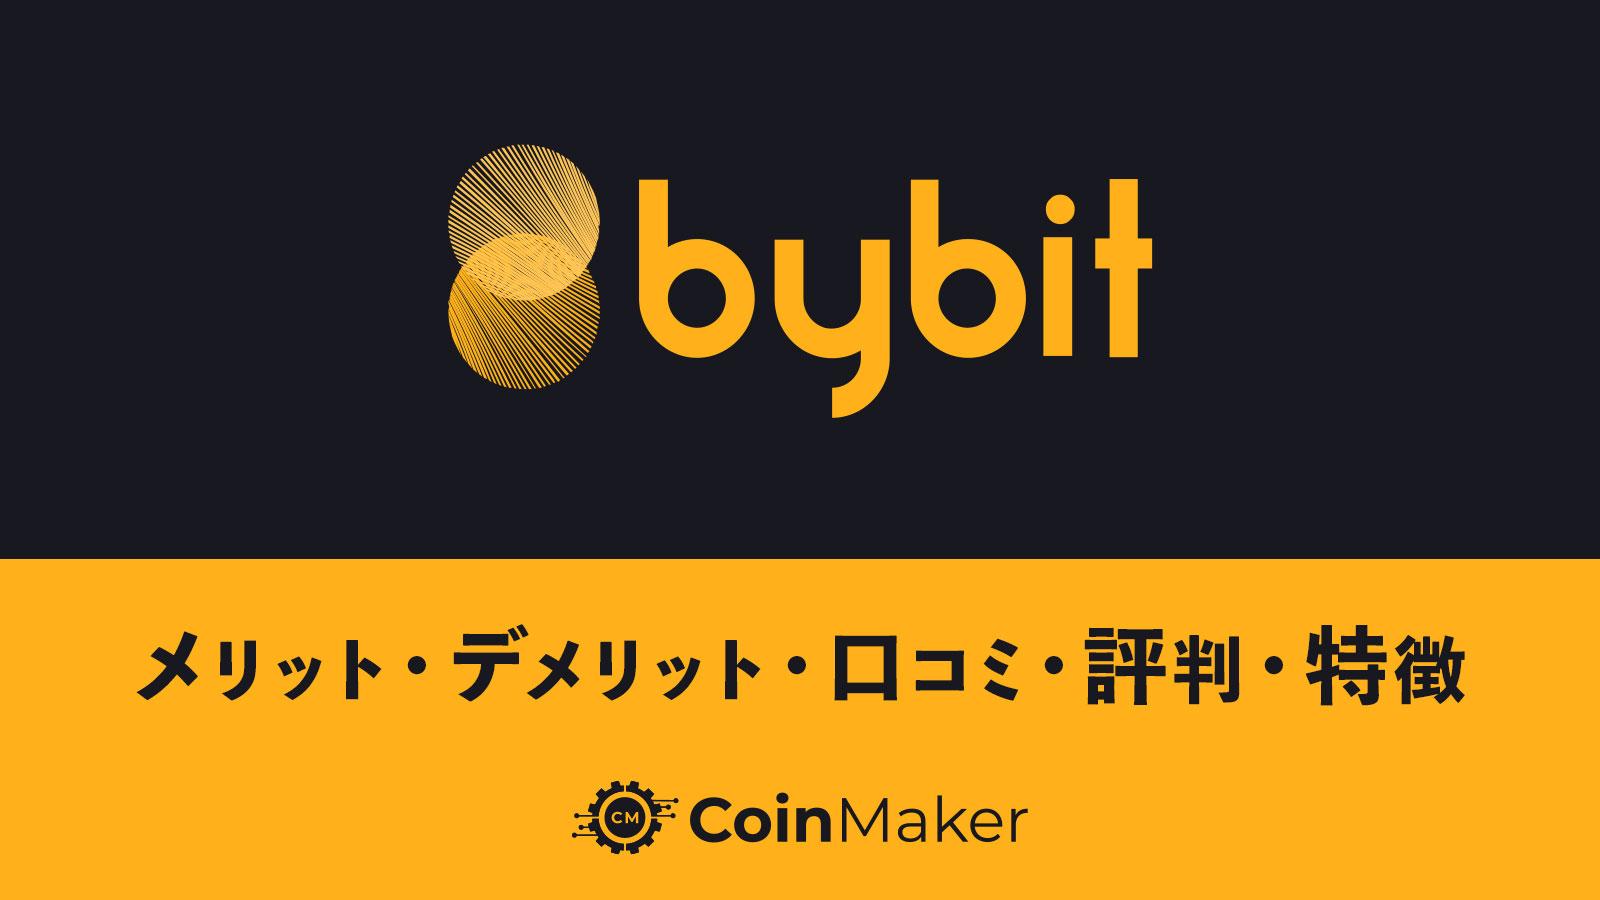 Bybit(バイビット)特徴・評判をわかりやすく解説